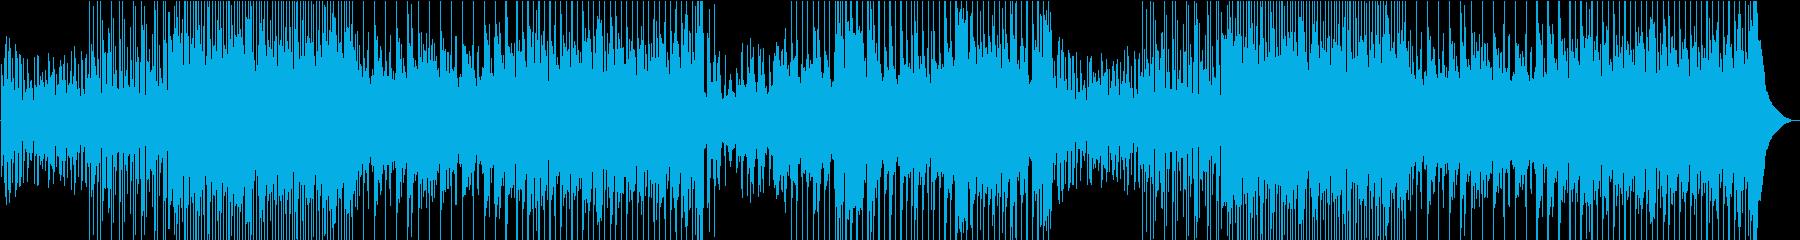 美しい女声の楽しいウクレレ楽曲の再生済みの波形